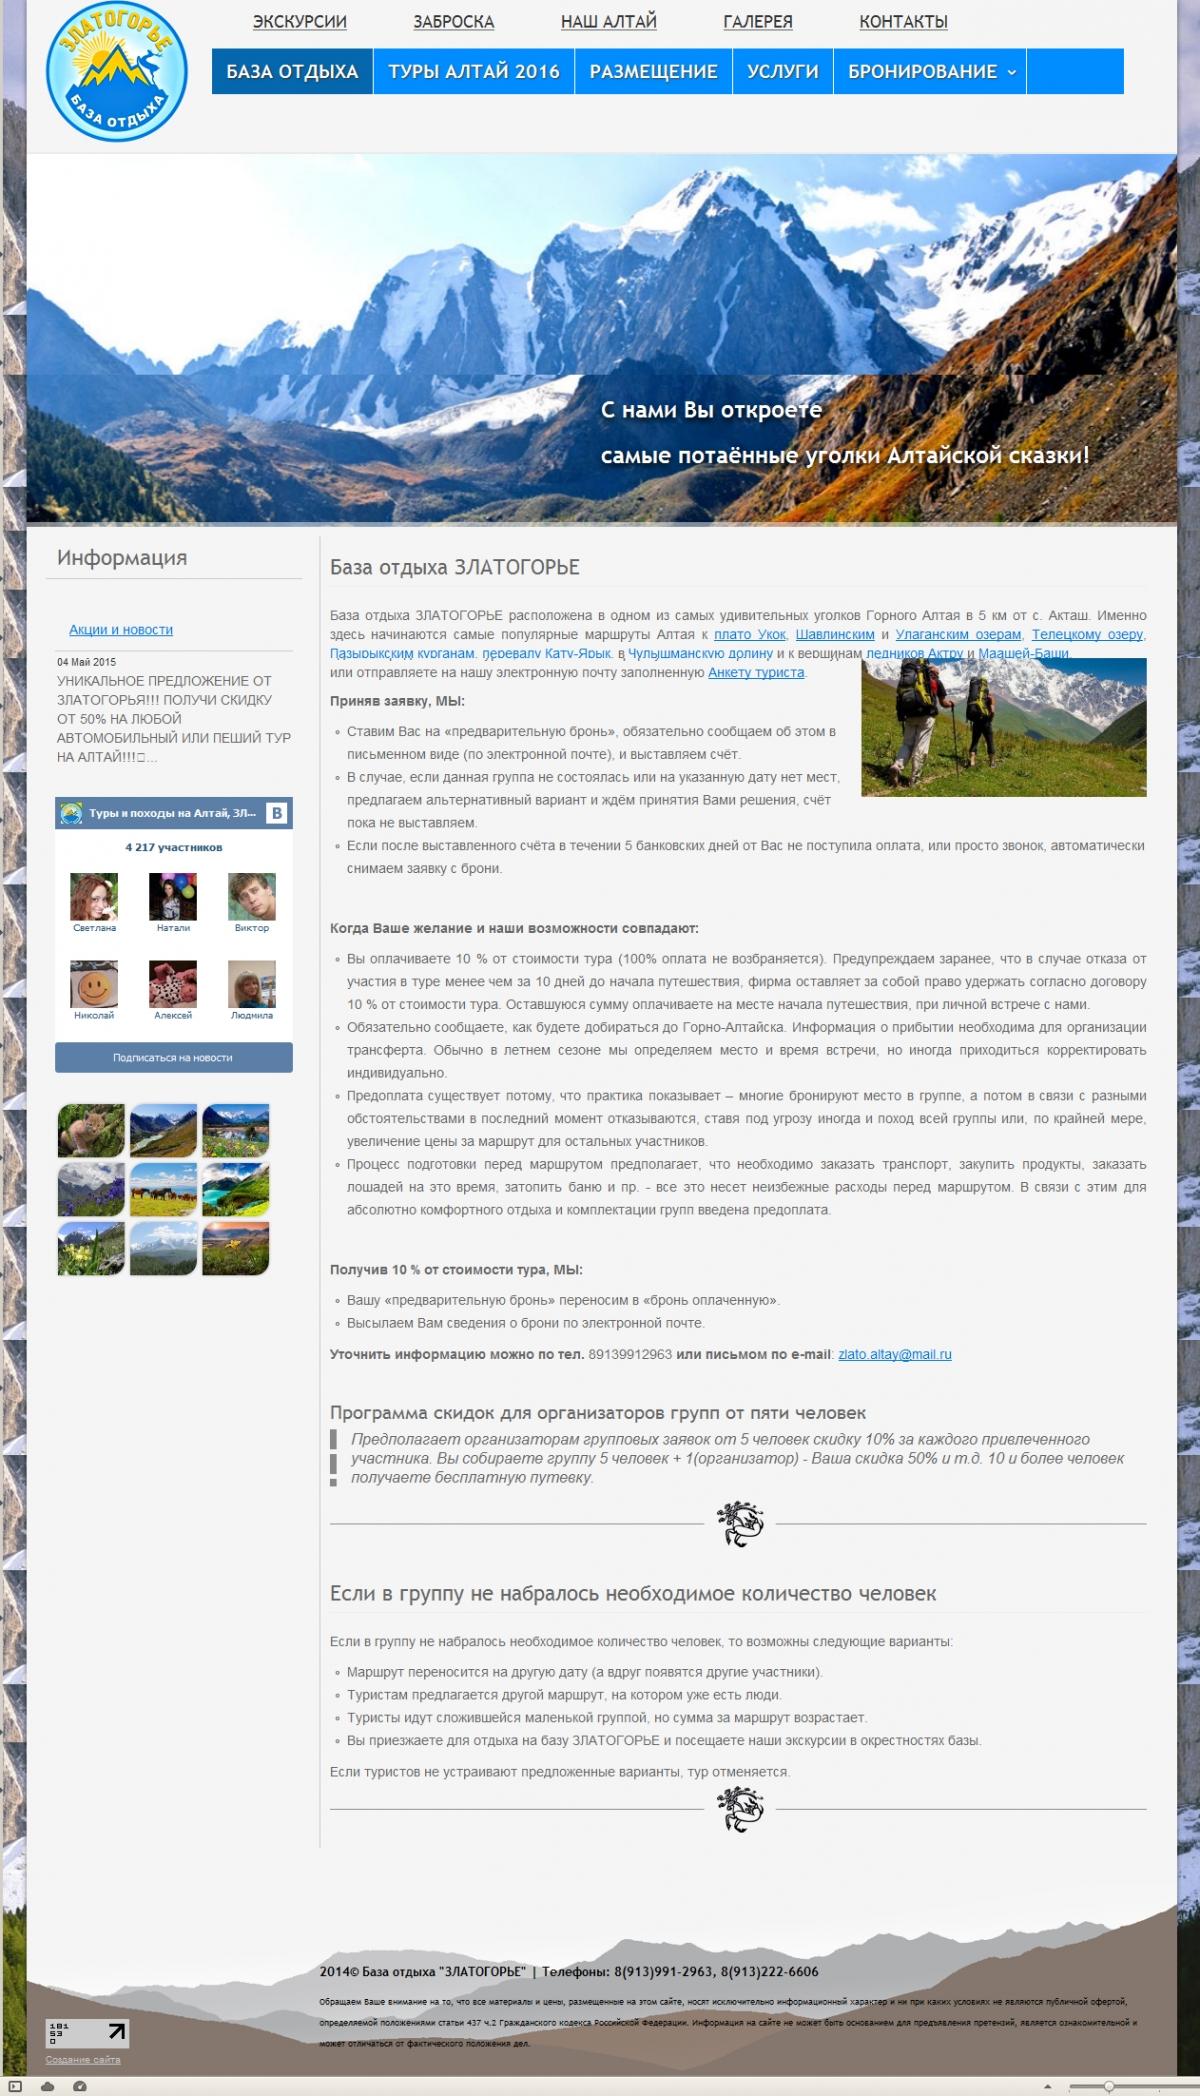 Златогорье - сайт турбазы в Горном Алтае